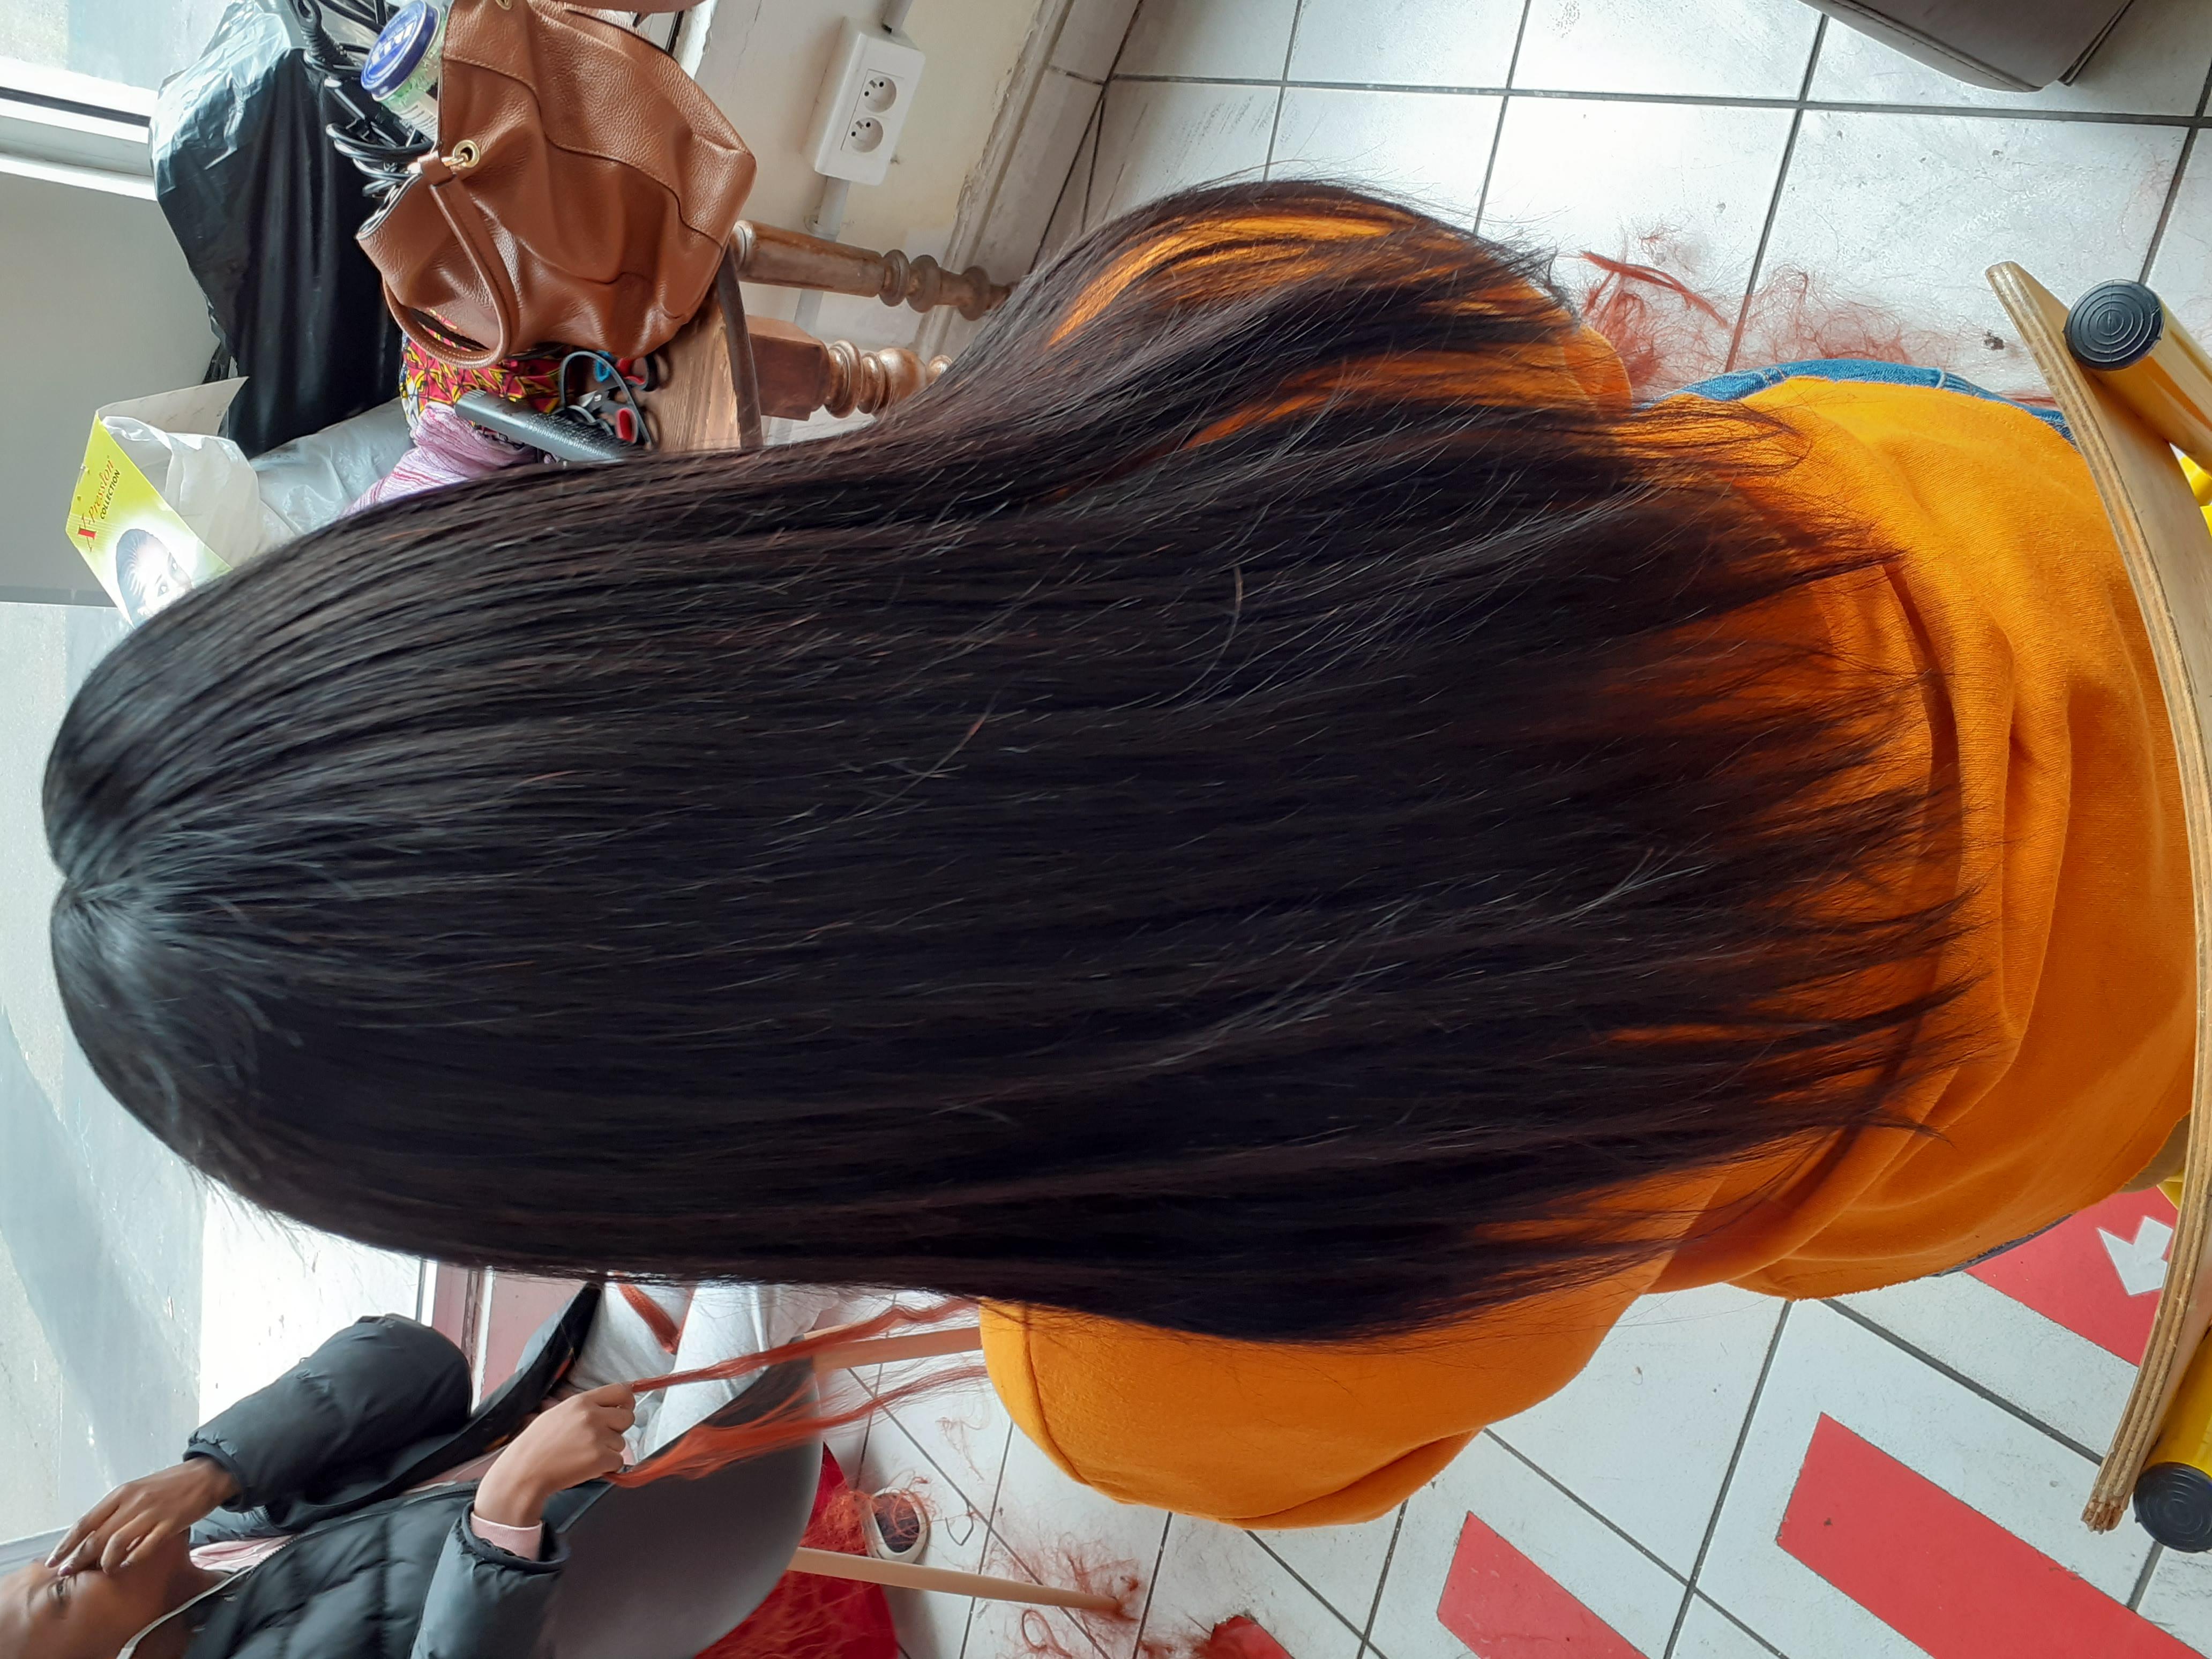 salon de coiffure afro tresse tresses box braids crochet braids vanilles tissages paris 75 77 78 91 92 93 94 95 TYPFHVEC